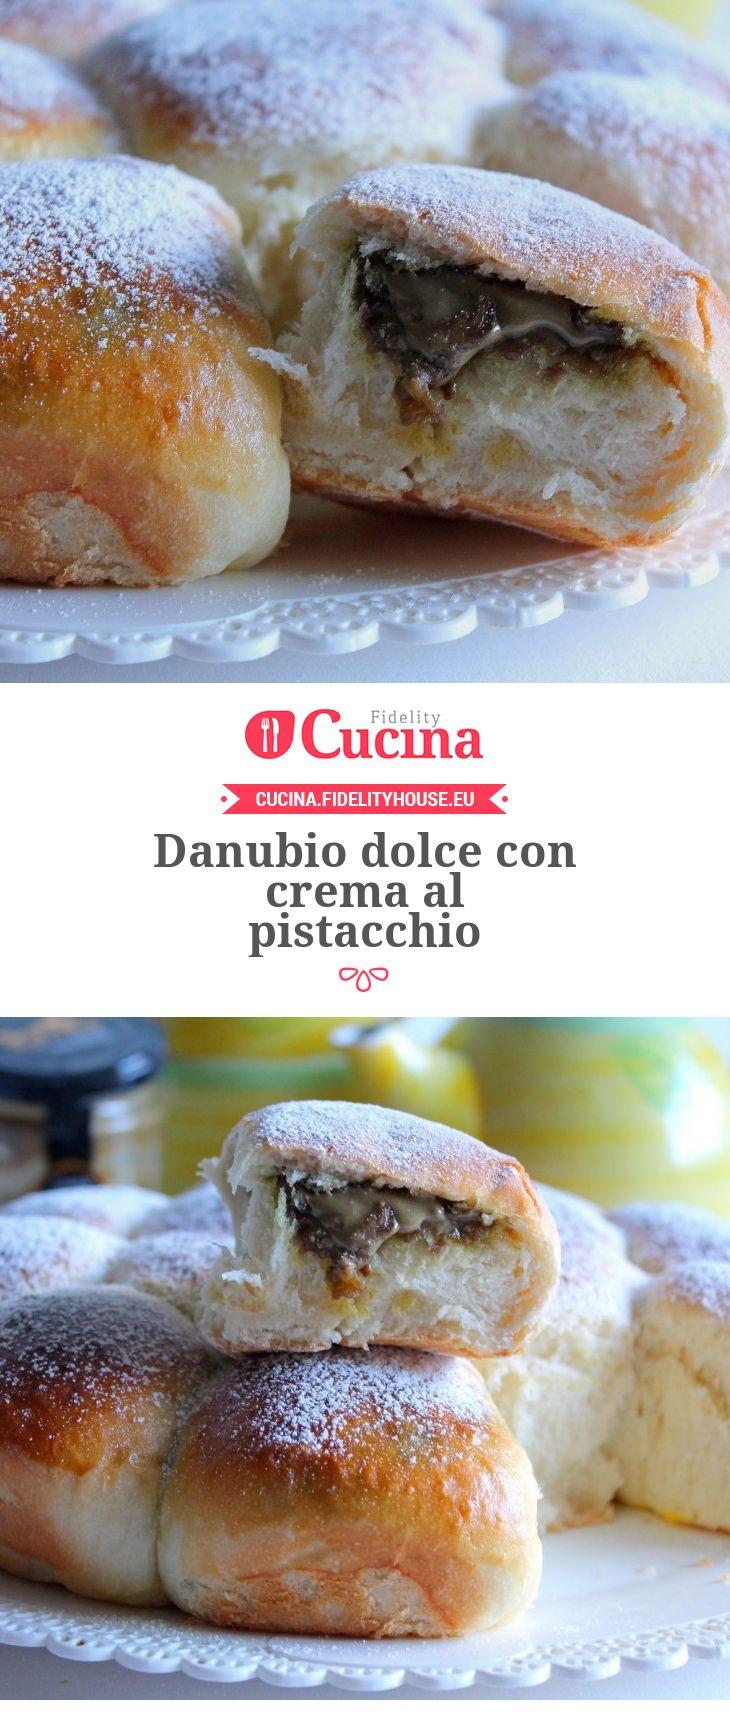 Danubio dolce con crema al pistacchio della nostra utente Giovanna. Unisciti alla nostra Community ed invia le tue ricette!